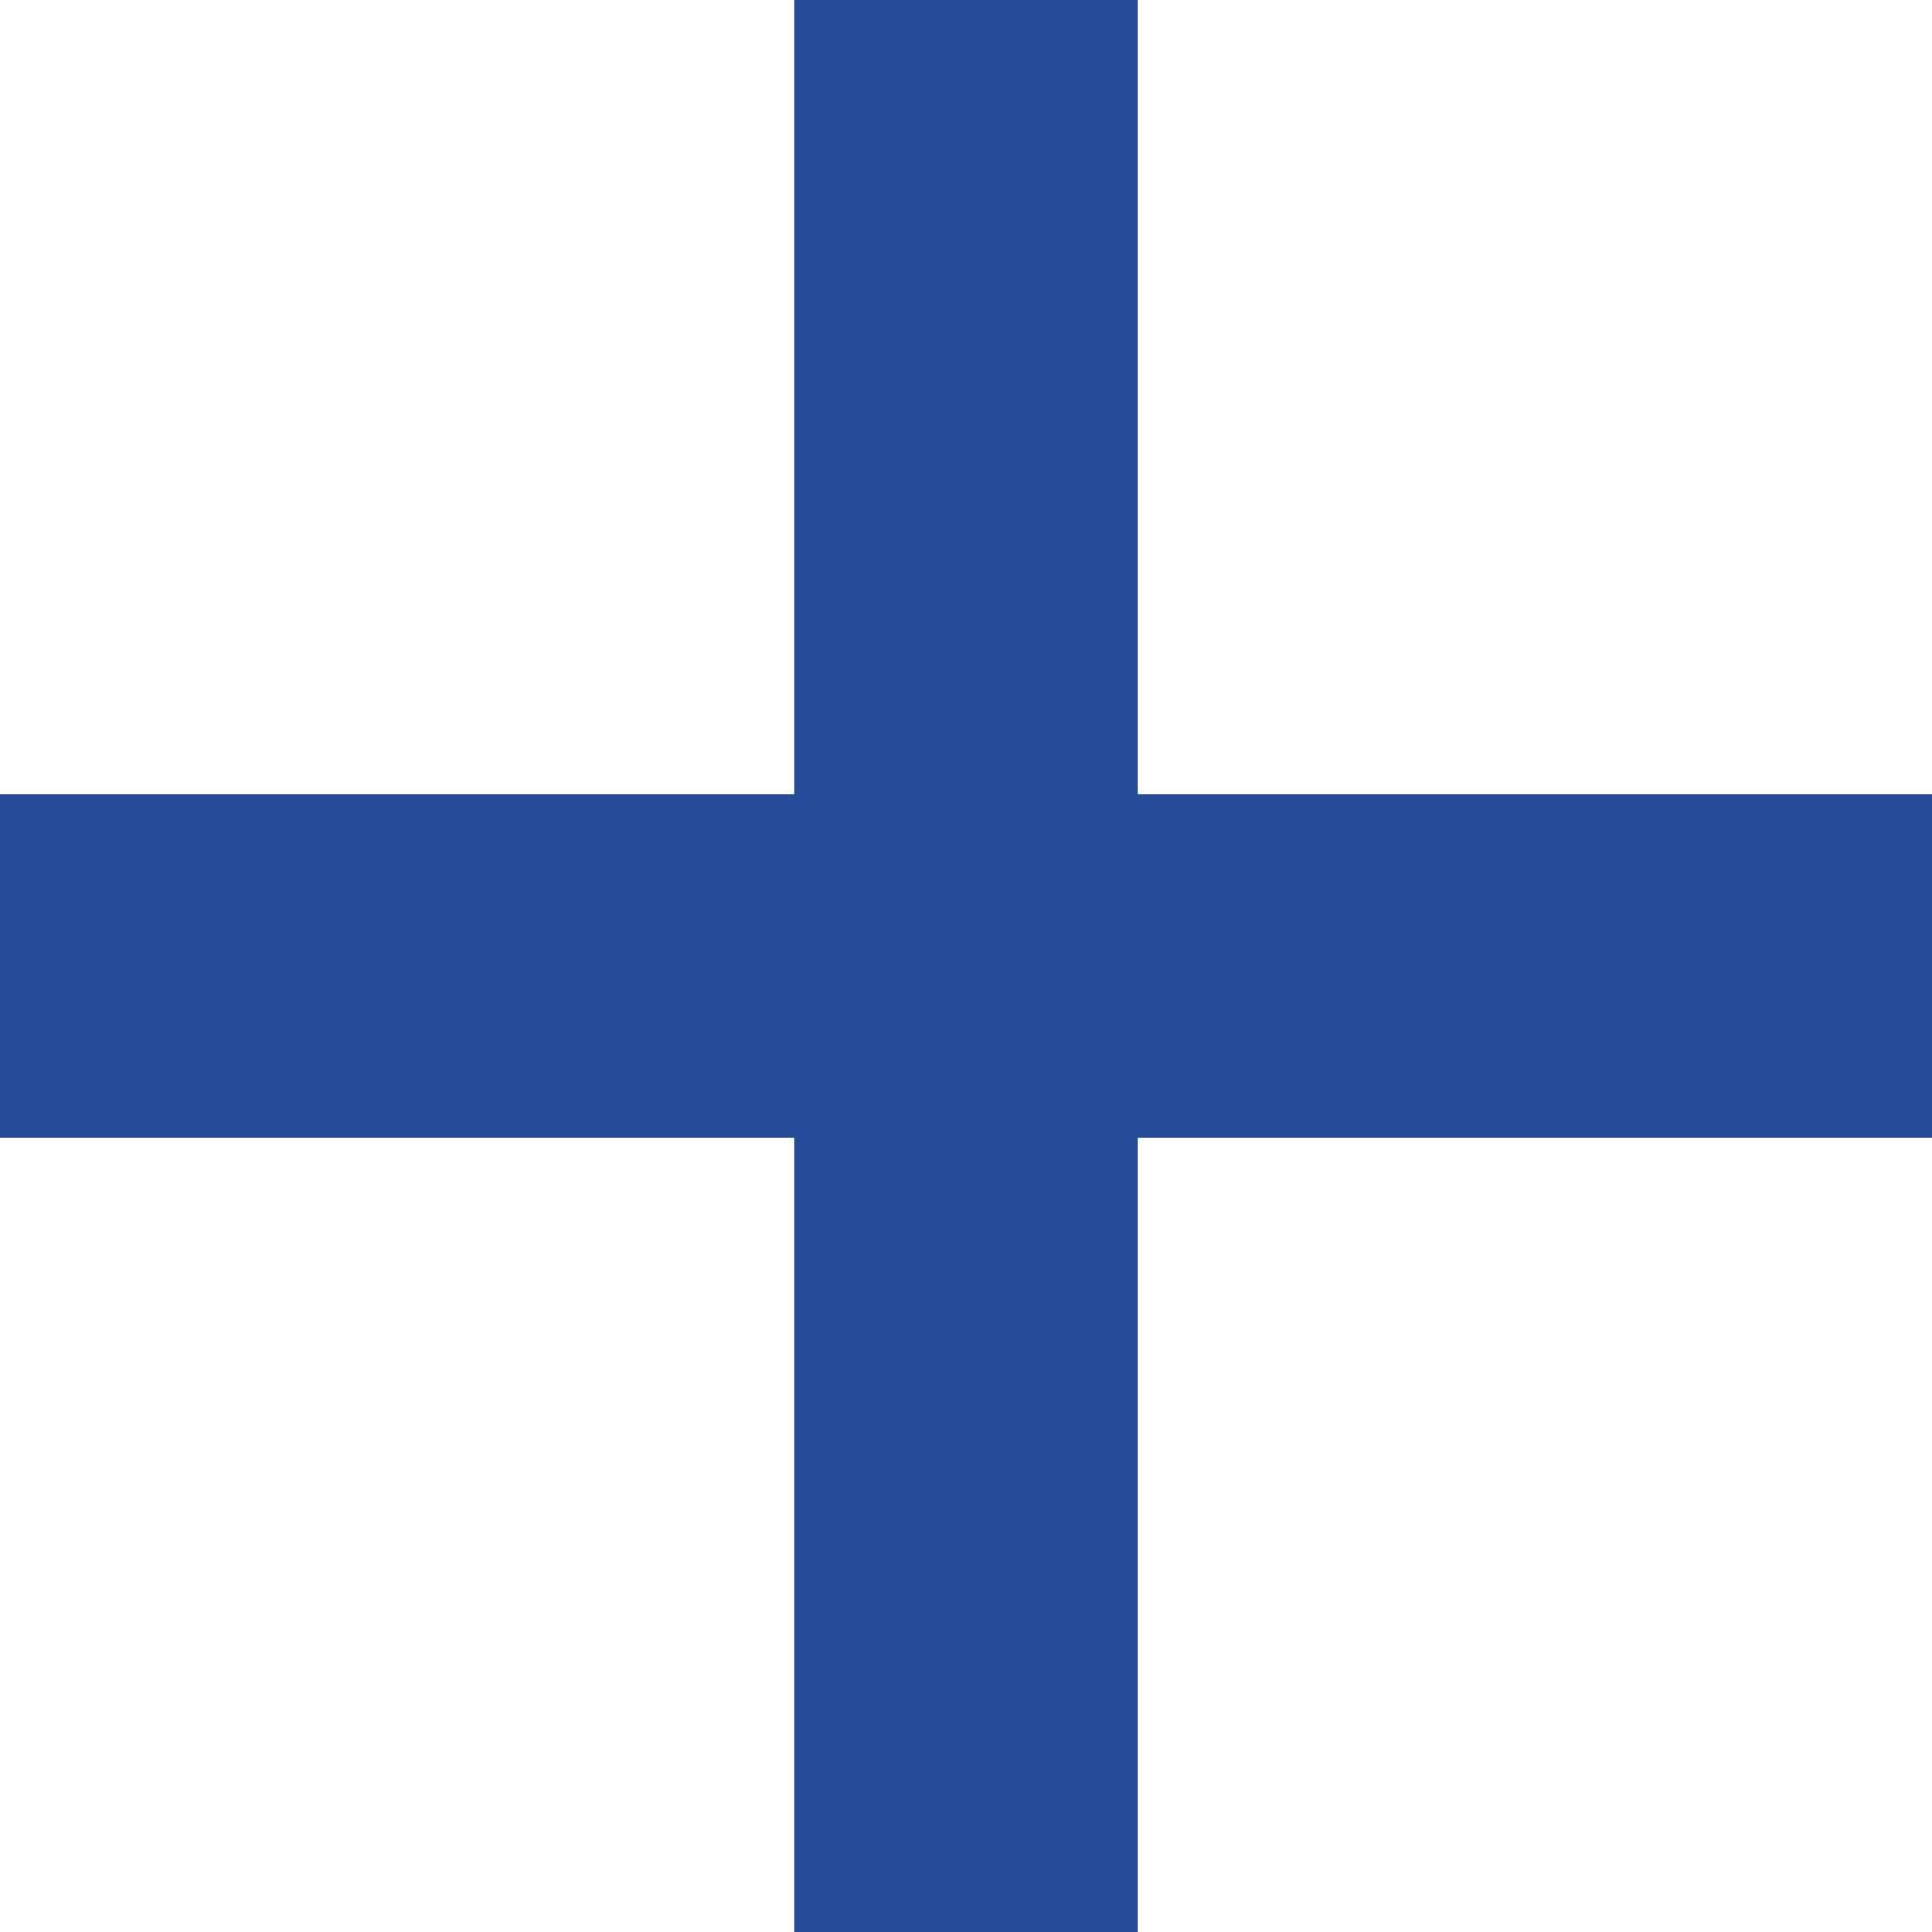 A primeira bandeira do reino de Portugal.